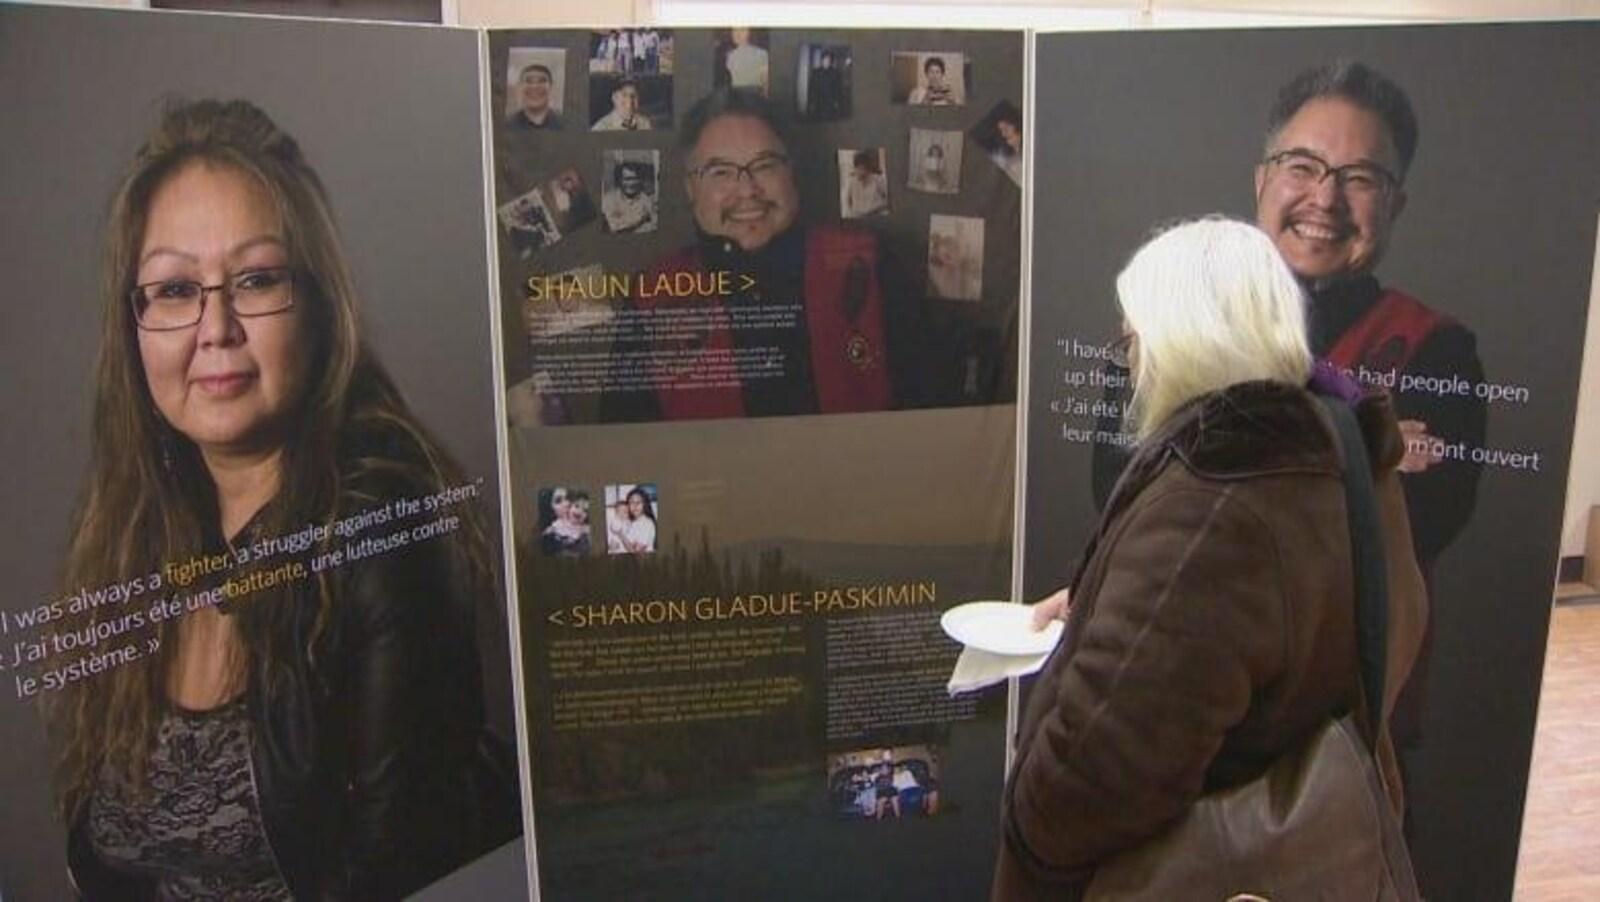 Une femme regarde les panneaux de l'exposition.